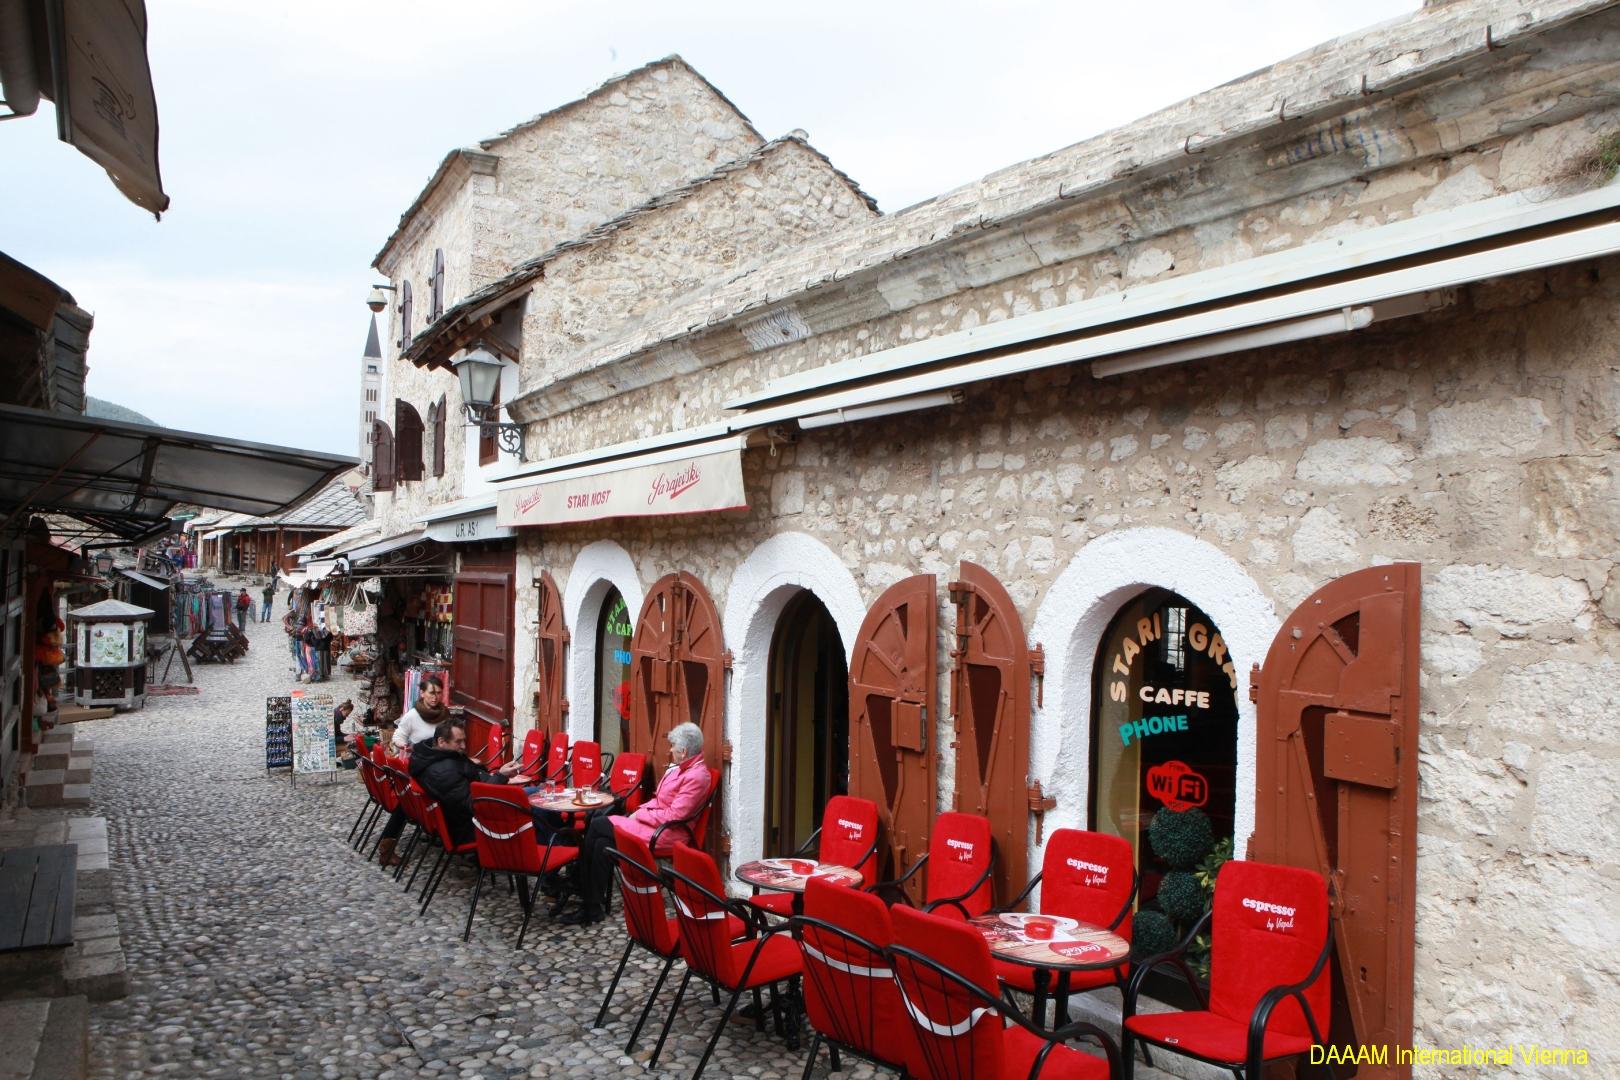 DAAAM_2016_Mostar_01_Magic_City_of_Mostar_053